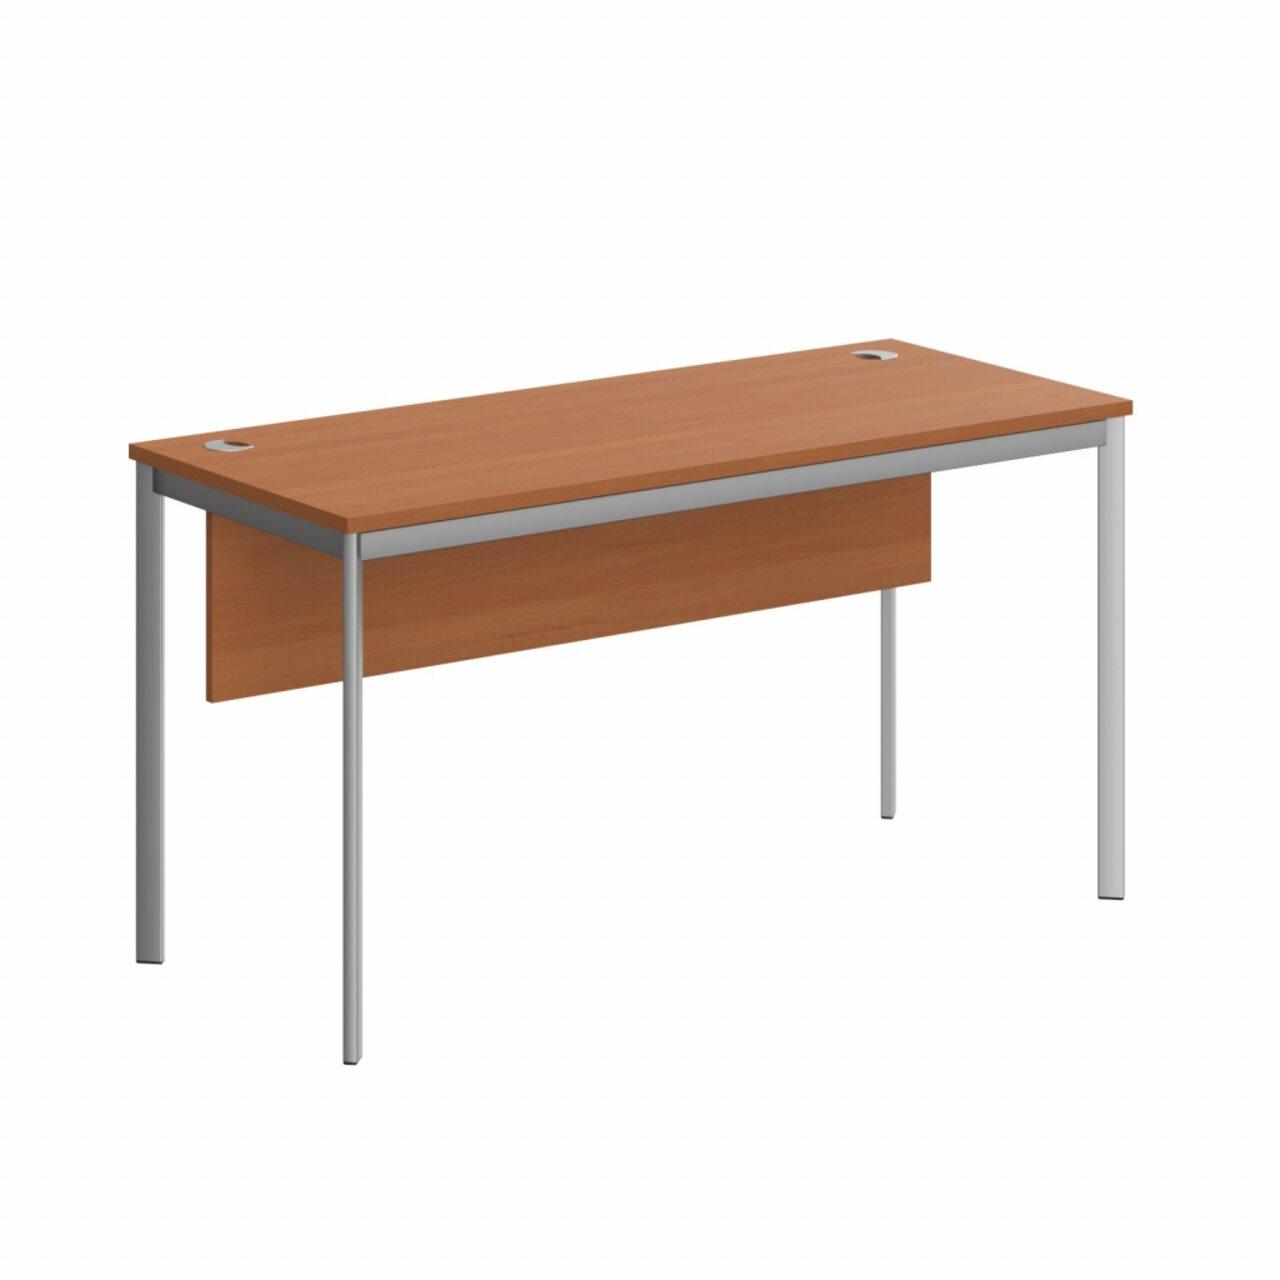 Стол прямой с фрональной панелью  IMAGO-S 140x60x76 - фото 1